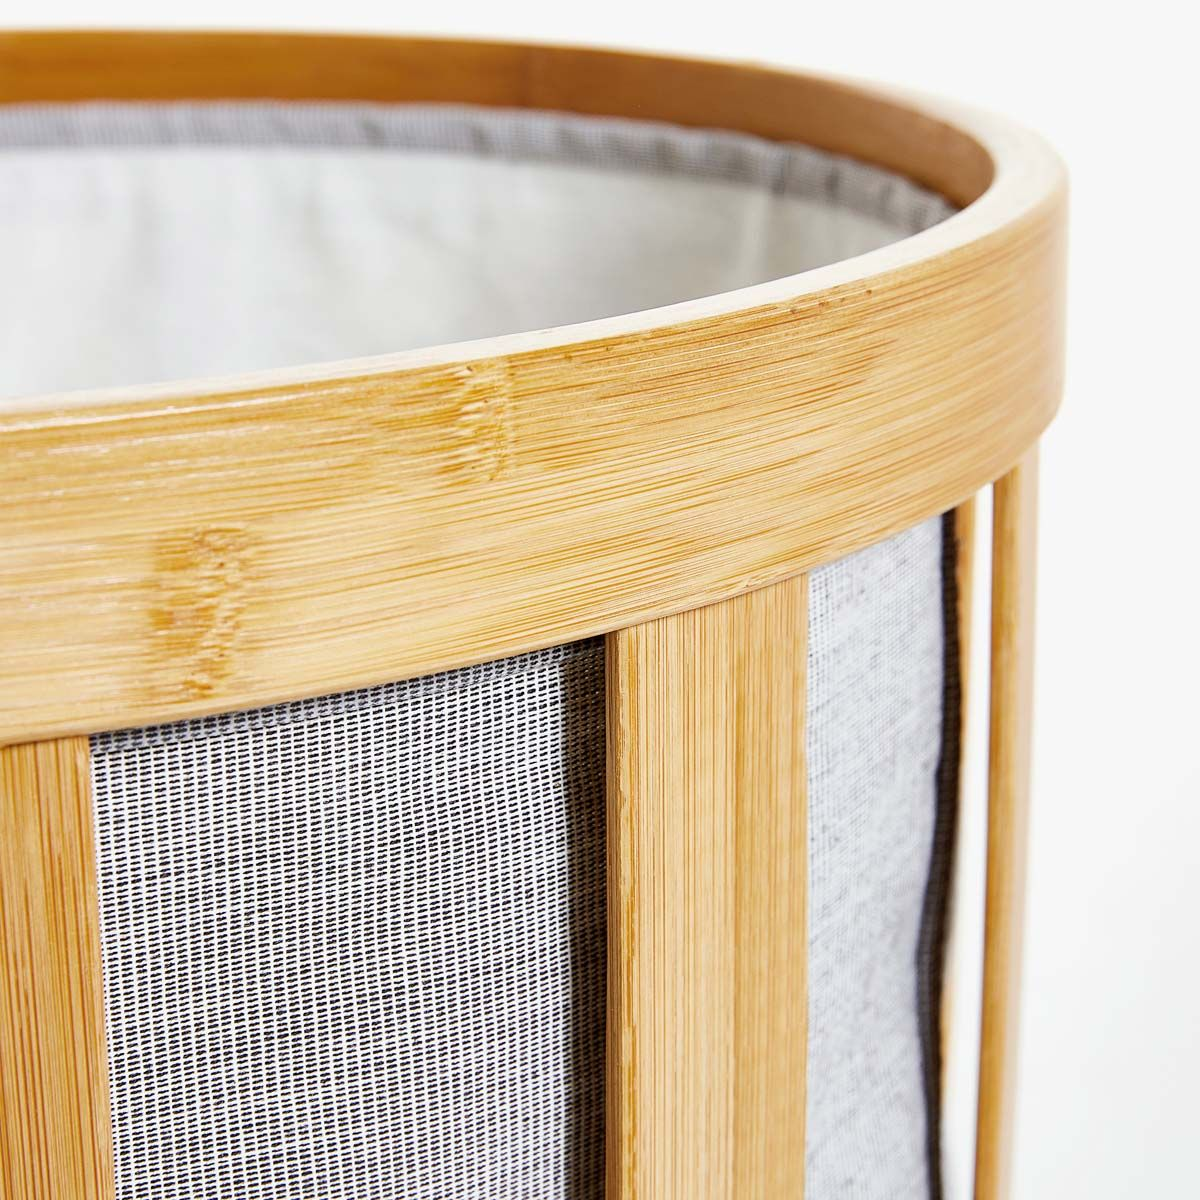 Accessoires Salle De Bain Zara Home ~ panier linge bambou tissu int rieur panier linge gris clair